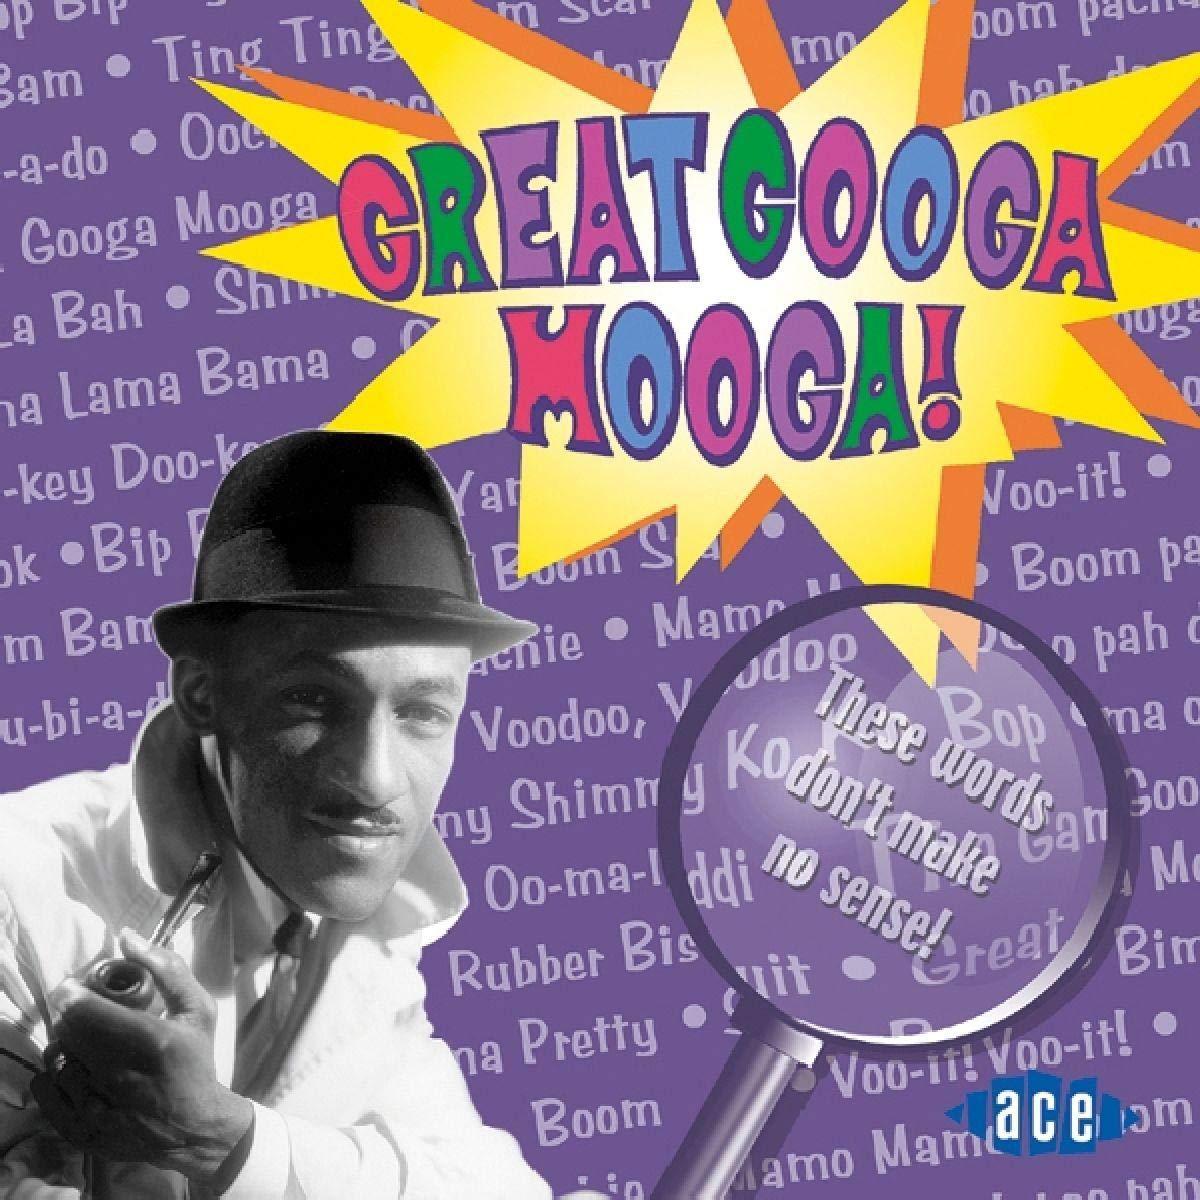 Great San Diego Mall New arrival Googa Various Mooga